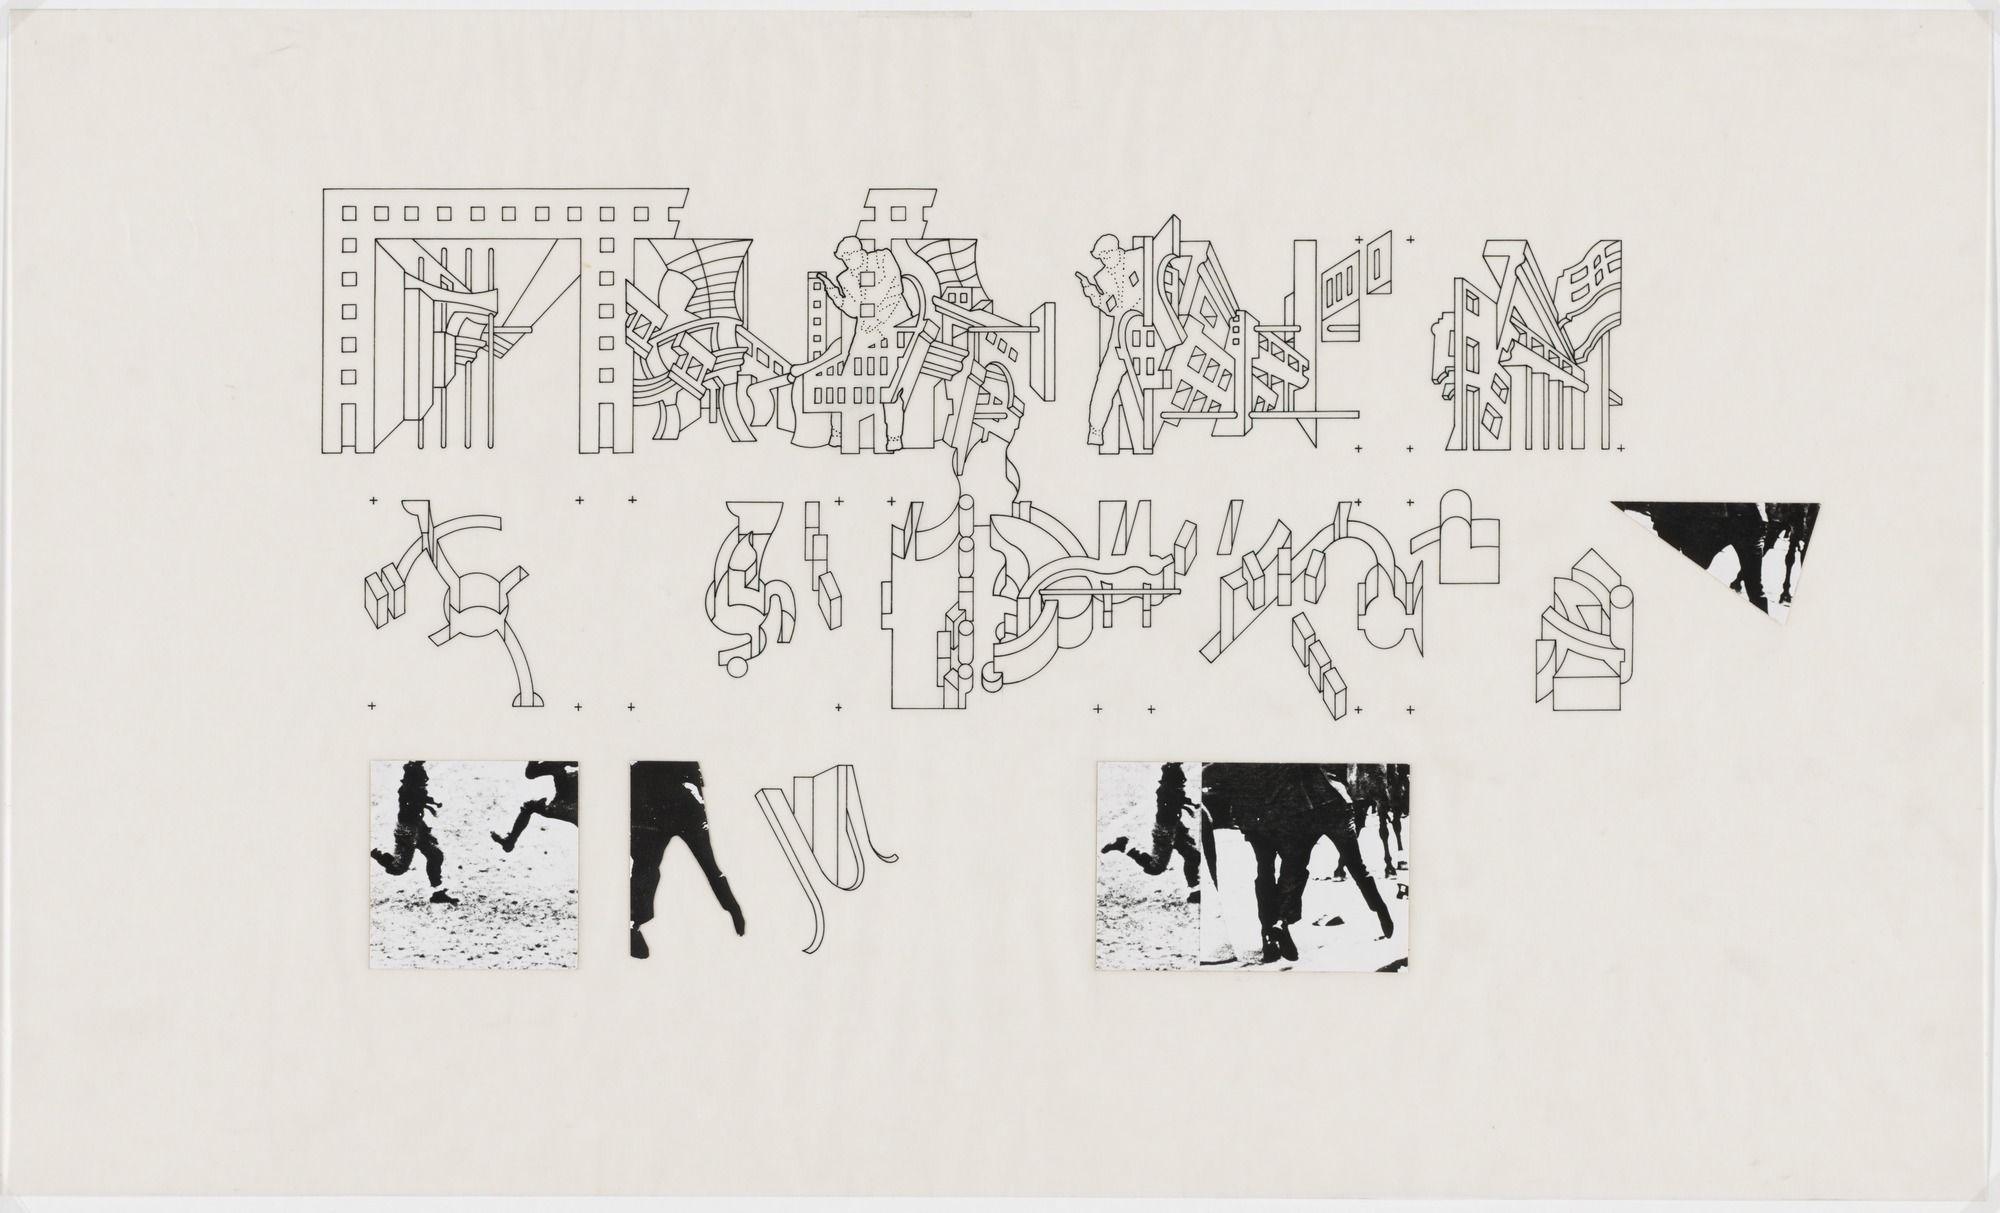 Bernard Tschumi The Manhattan Transcripts Project New